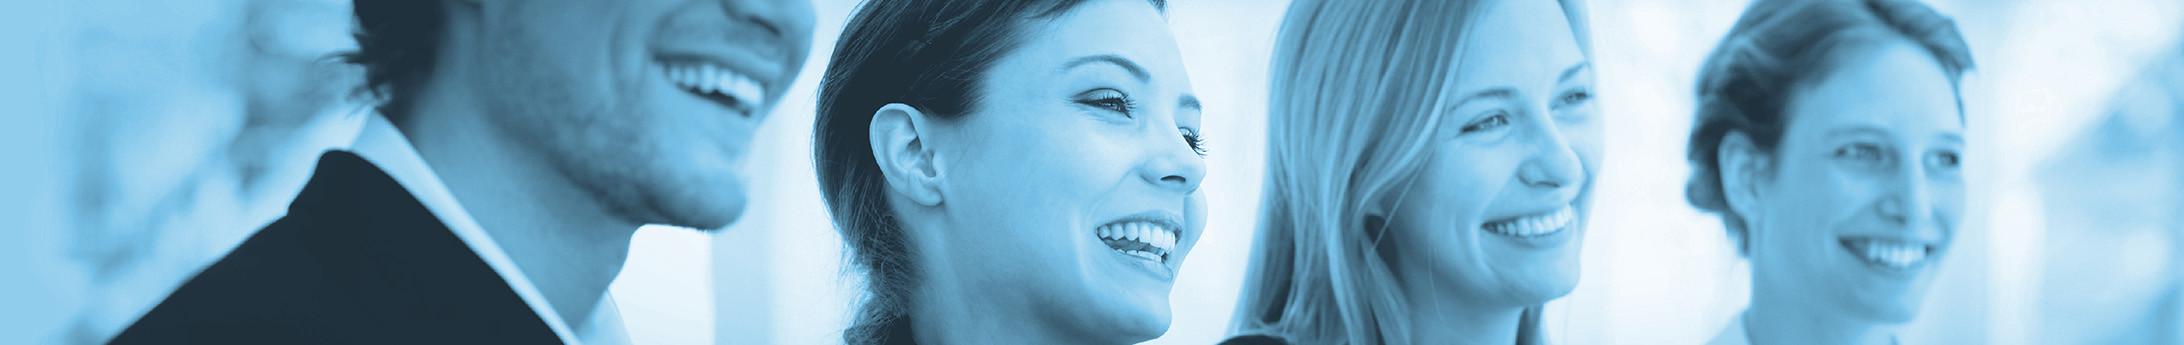 Safecon bvba is een expertisebureau in arbeidsveiligheid en projectmanagement en biedt zowel...